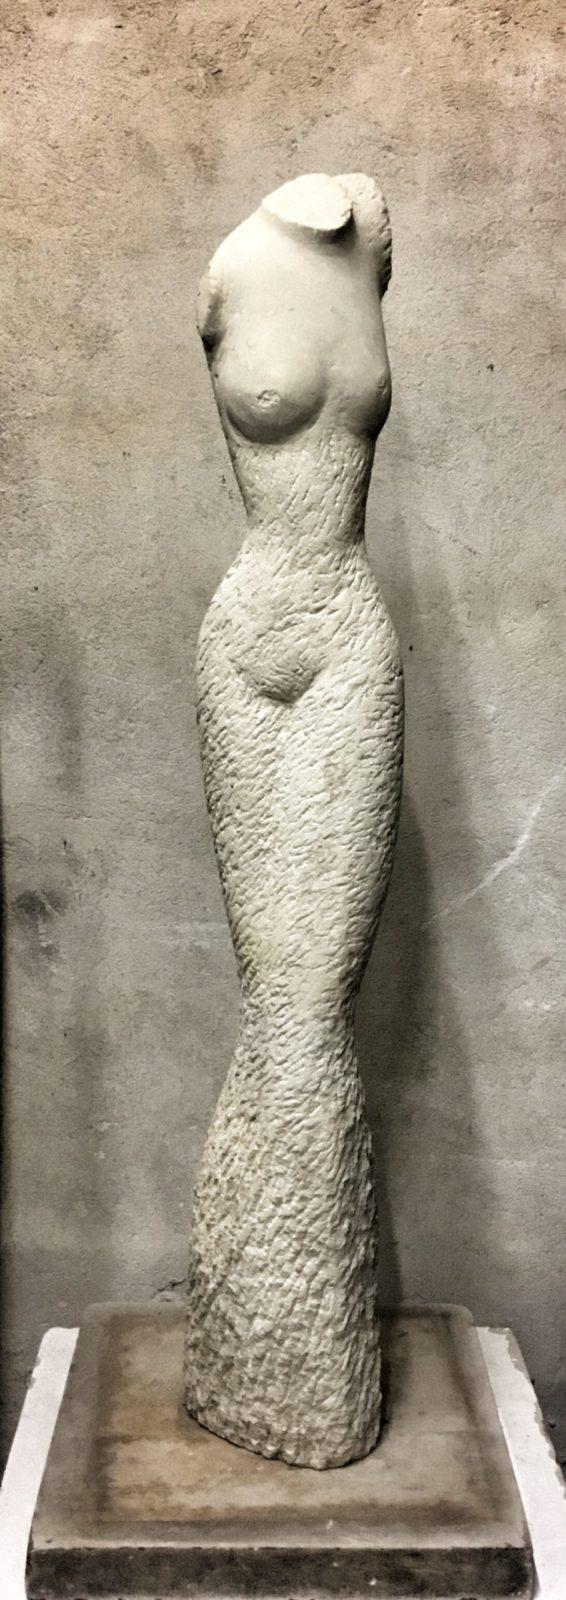 ROSMARIE HACKMANN - ART15 KÜNSTLERHAUS ROSMARIE HACKMANN DAPHNE SCALED